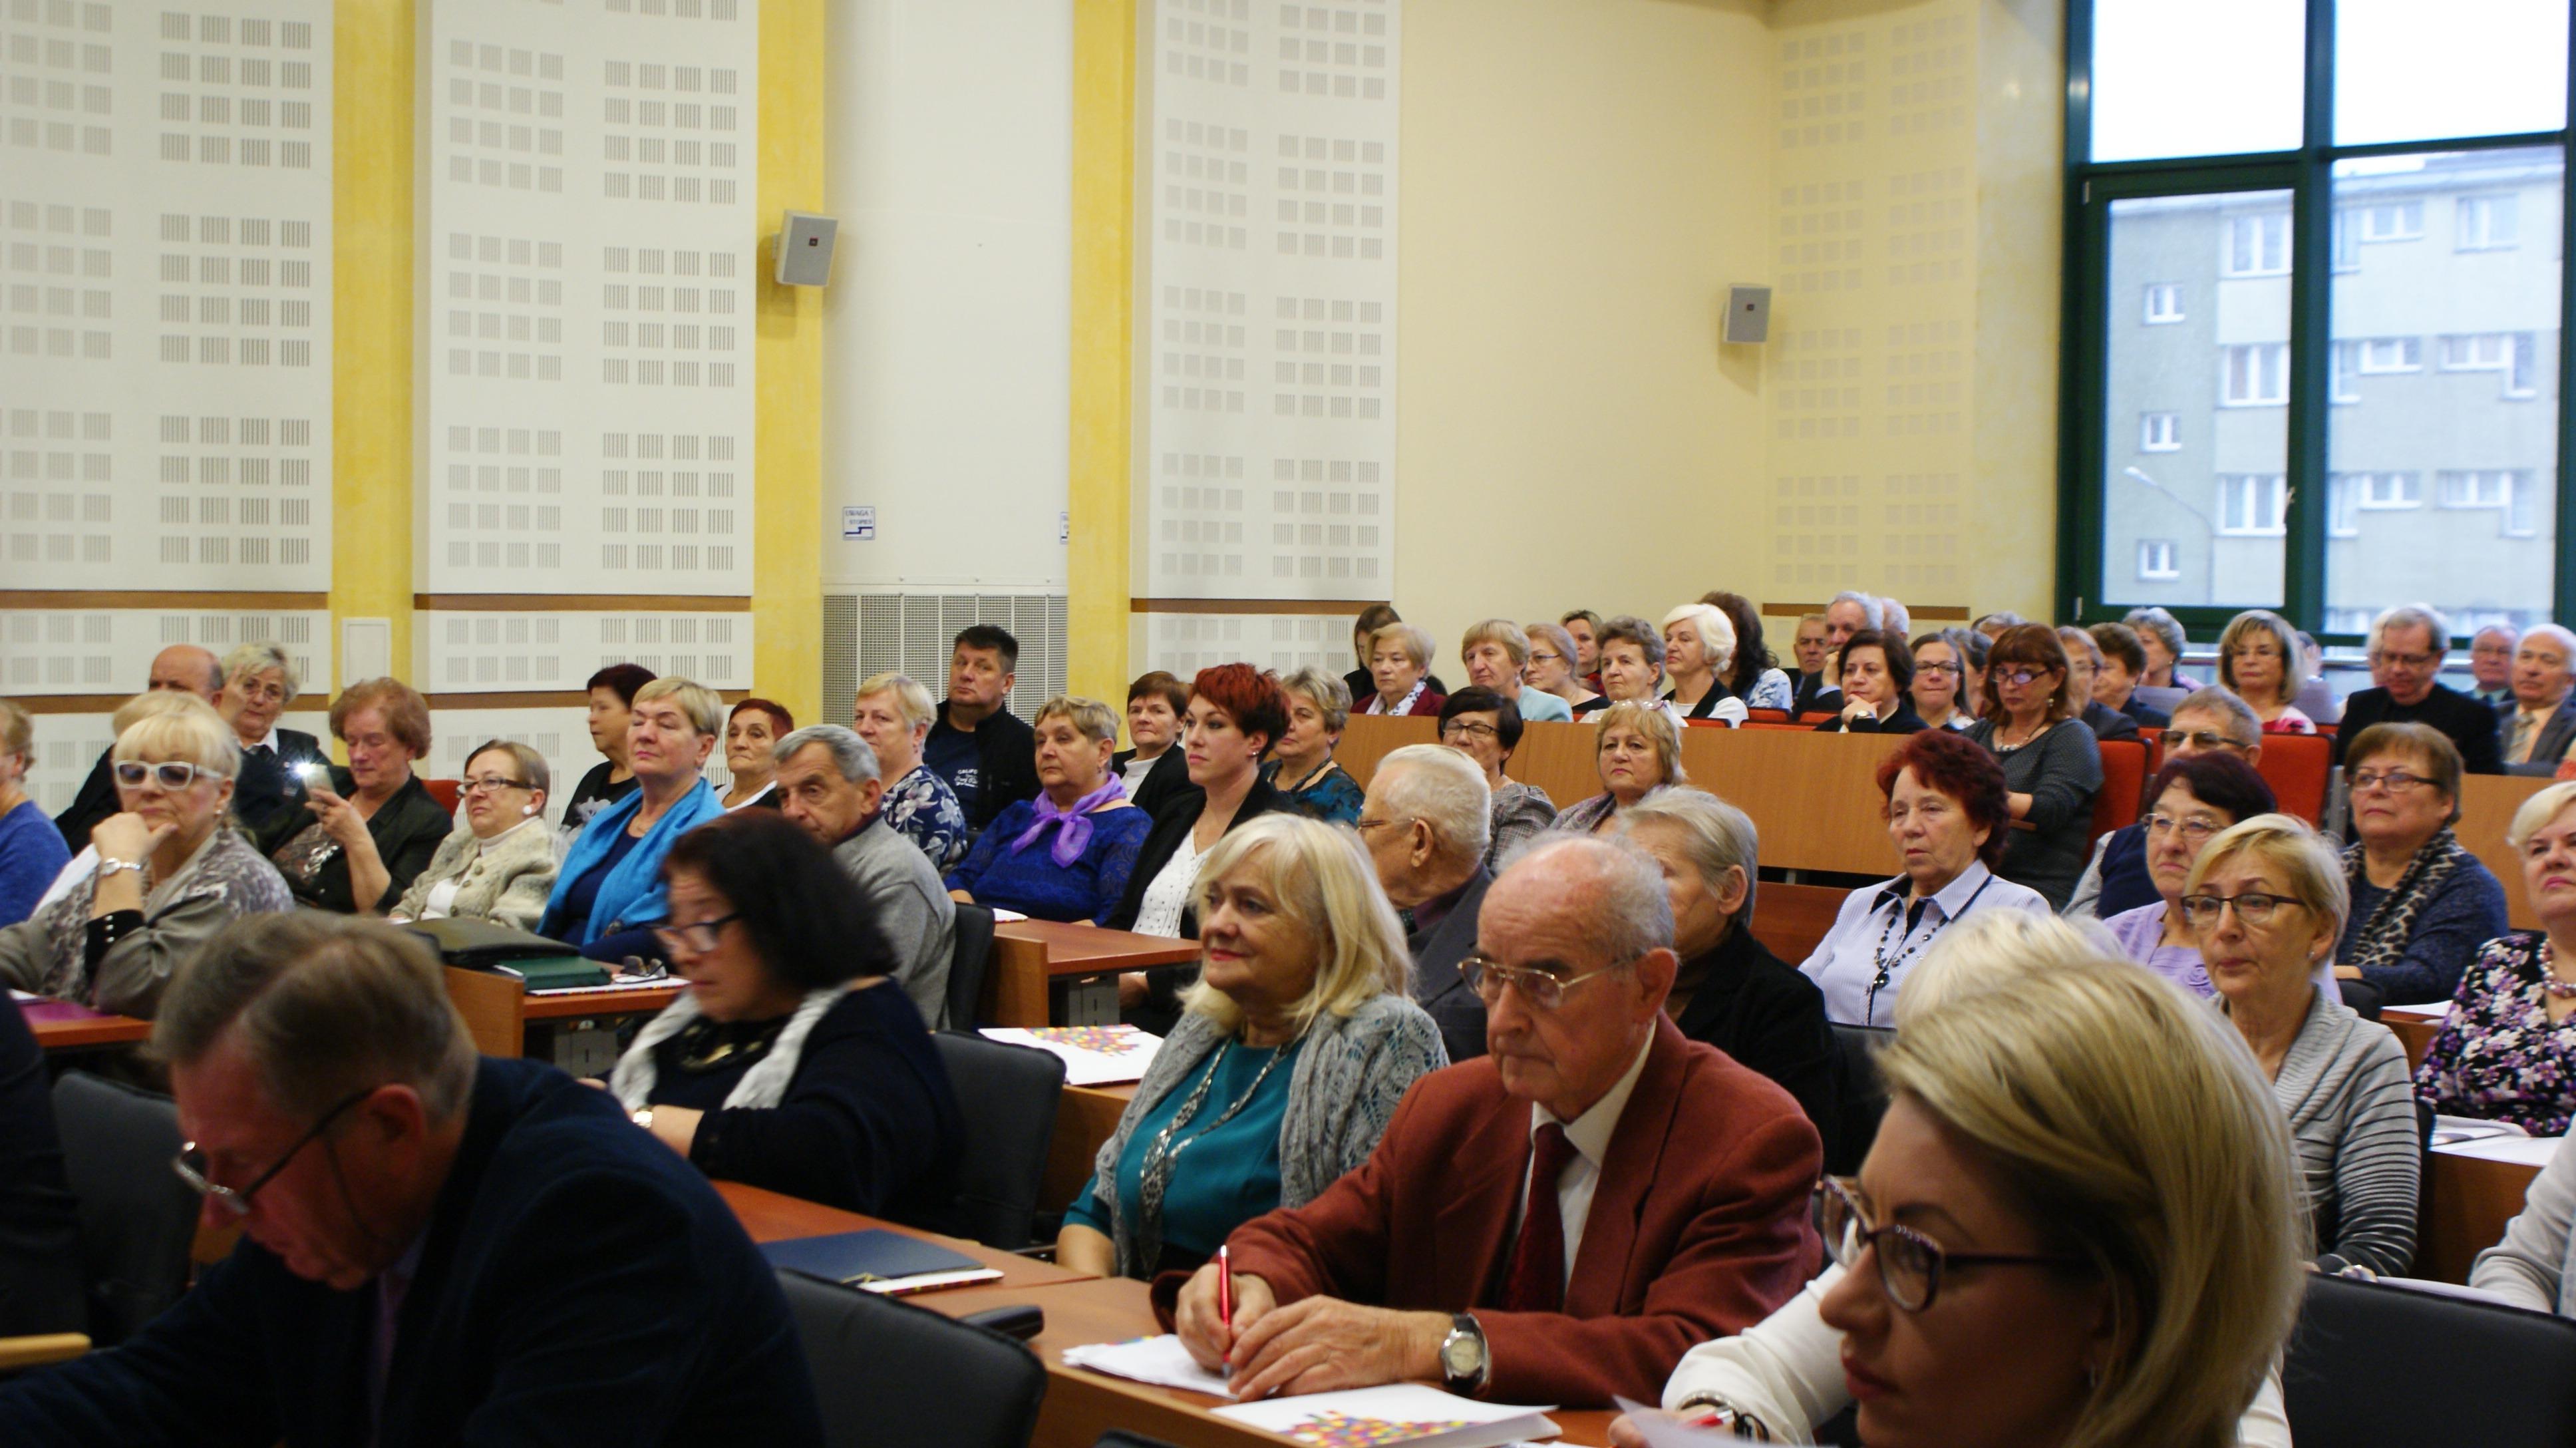 IV Podlaskie Forum Aktywności Osób Starszych